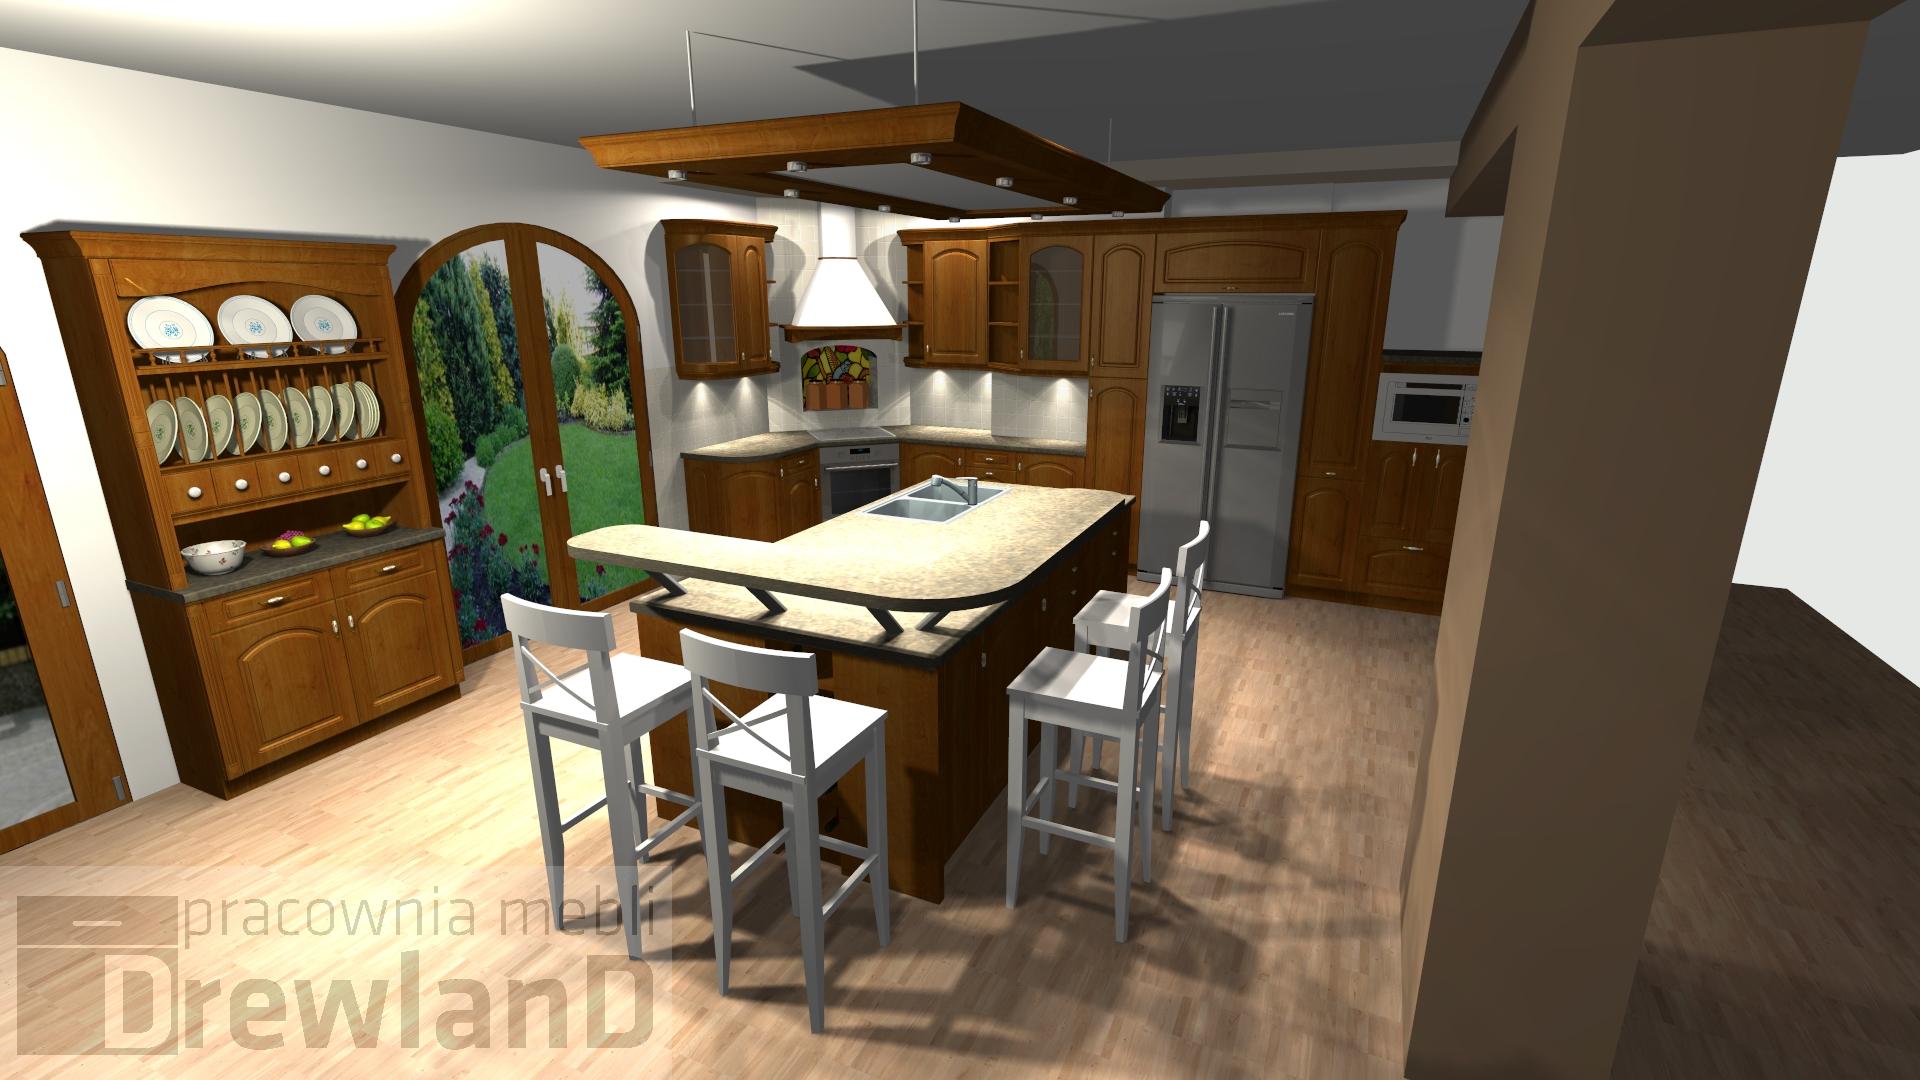 aranżacja kuchni � duża kuchnia w domku na wsi drewlandpl